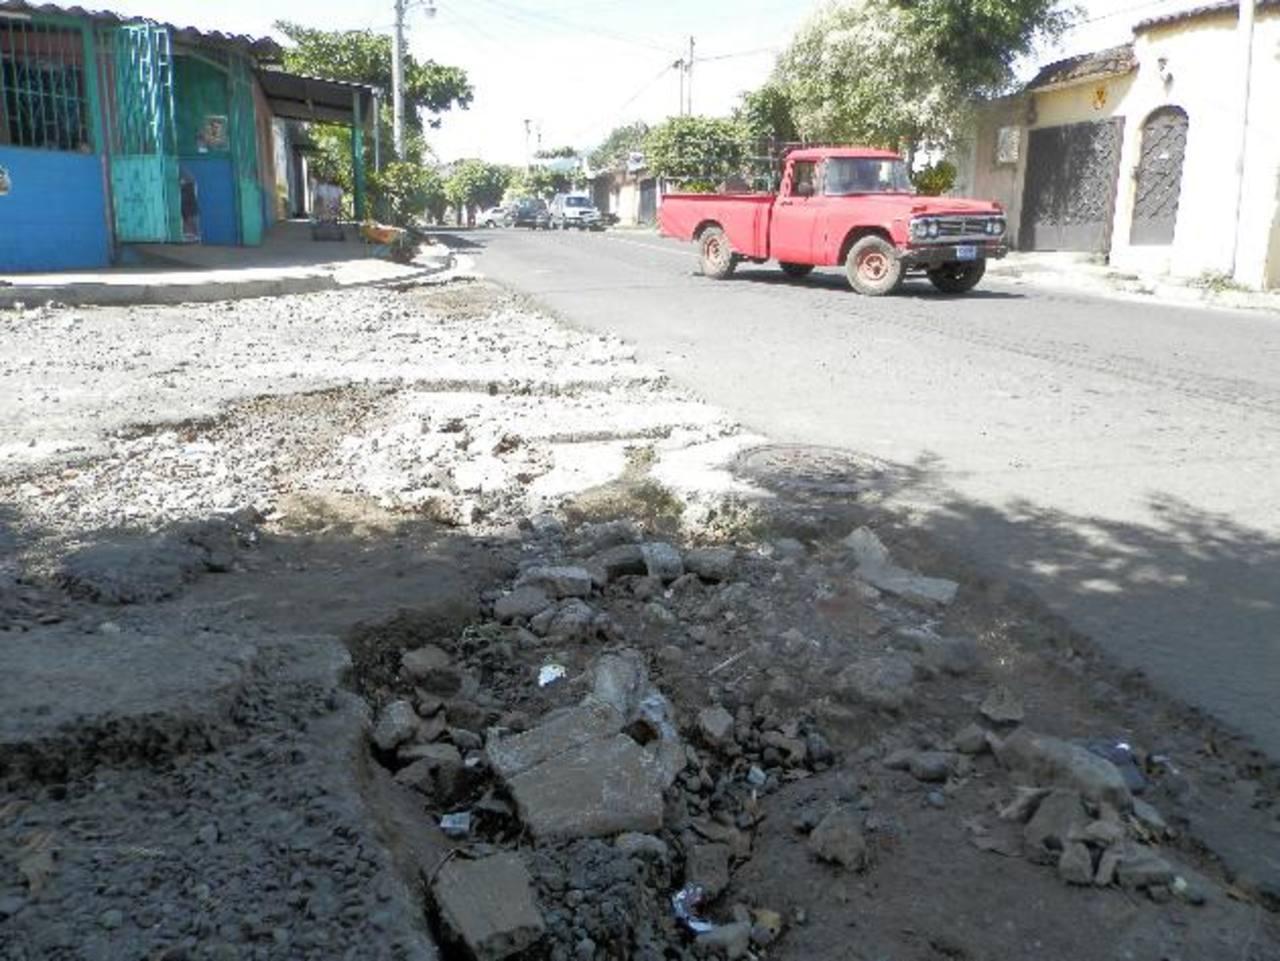 El paso de buses y vehículos pesados por el lugar también genera que la calle siga se siga rompiendo. Foto EDH / Milton jaco